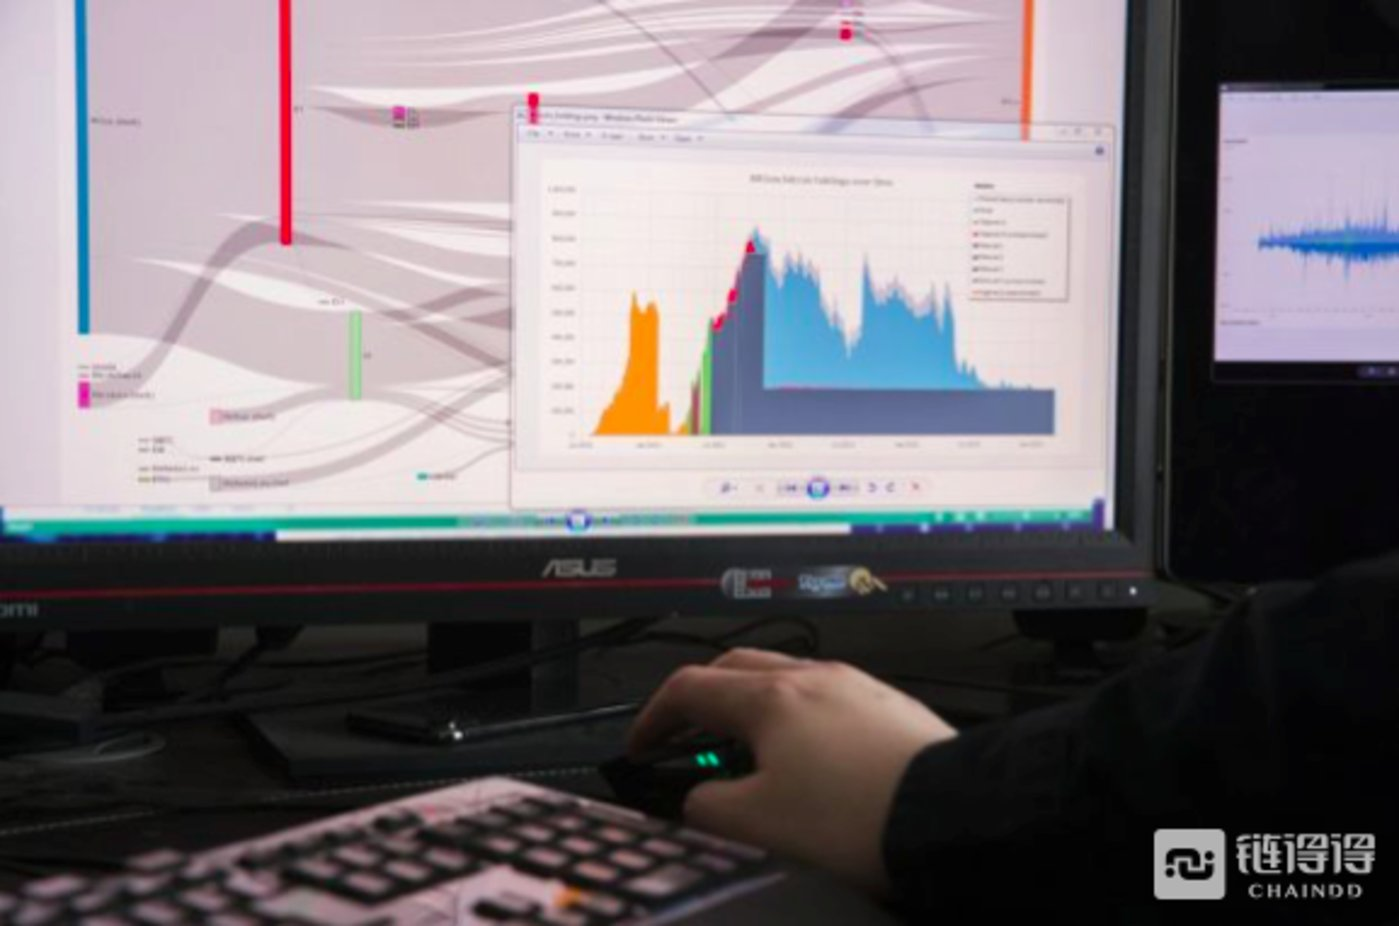 Kim Nilsson在他的东京办事处显示了表明被盗虚拟货币流动的图表。照片:华尔街日报的SHIHO FUKADA